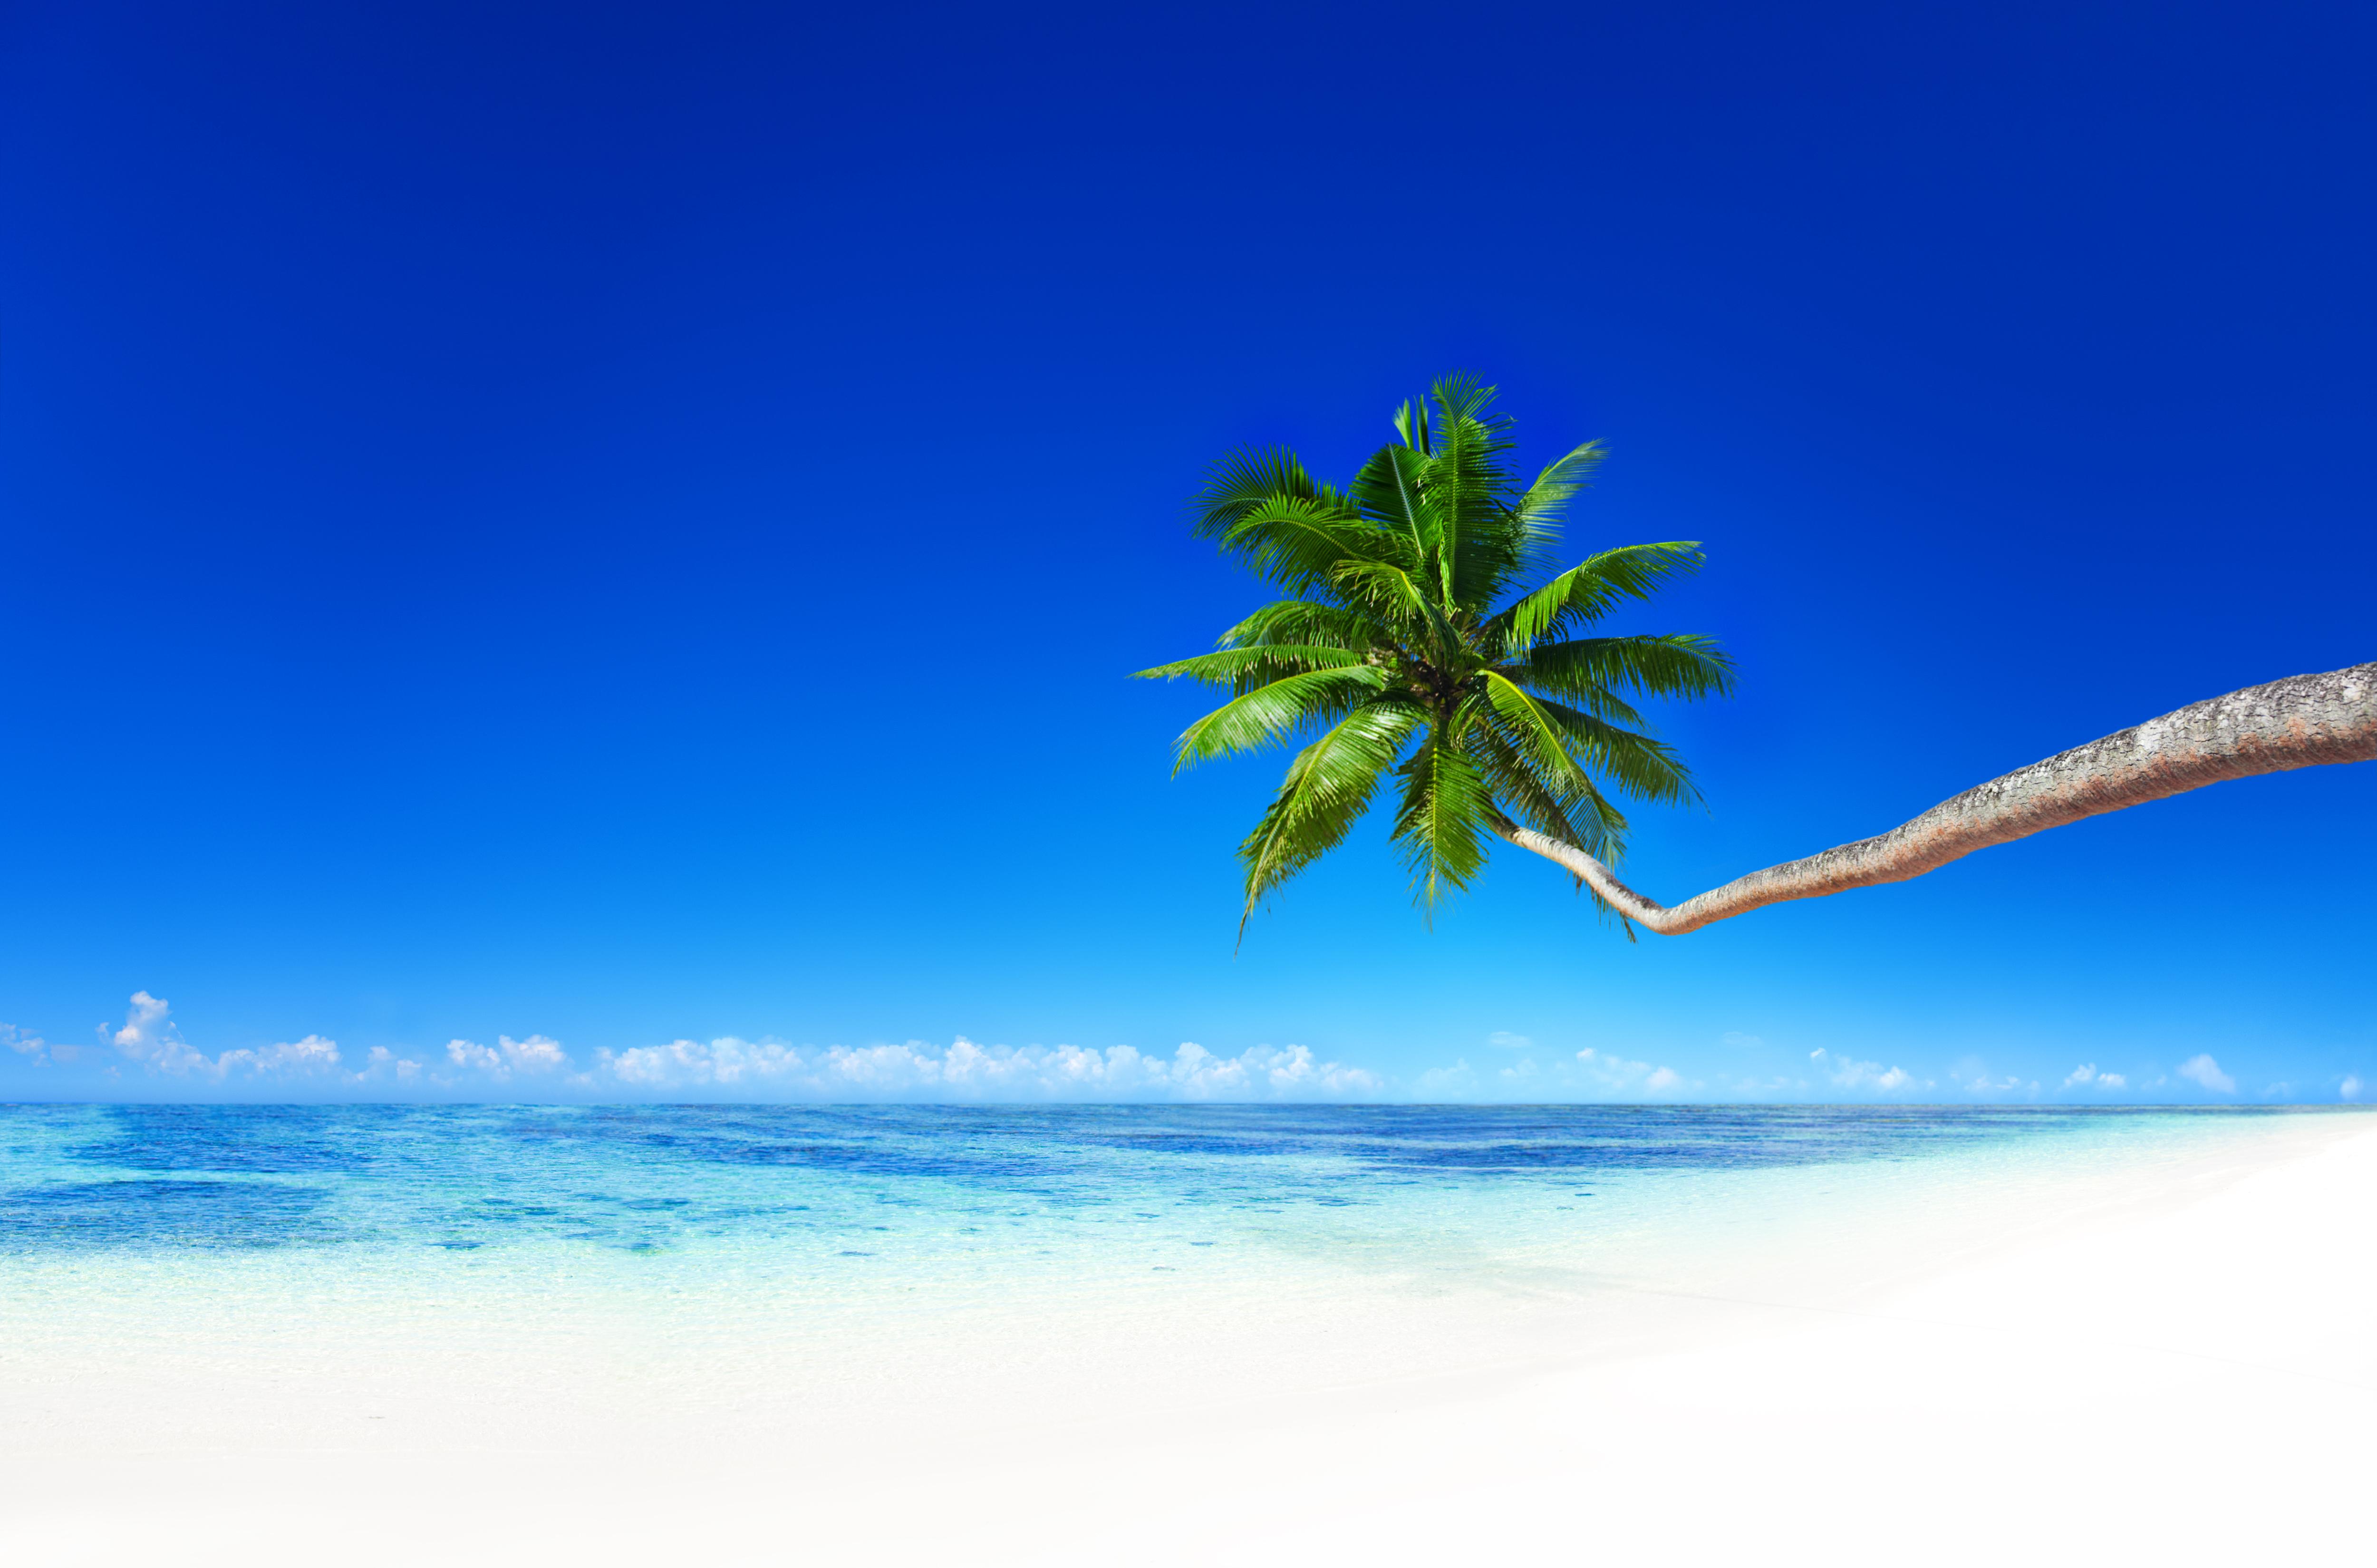 берег пальма море солнце пляж  № 3779776 без смс